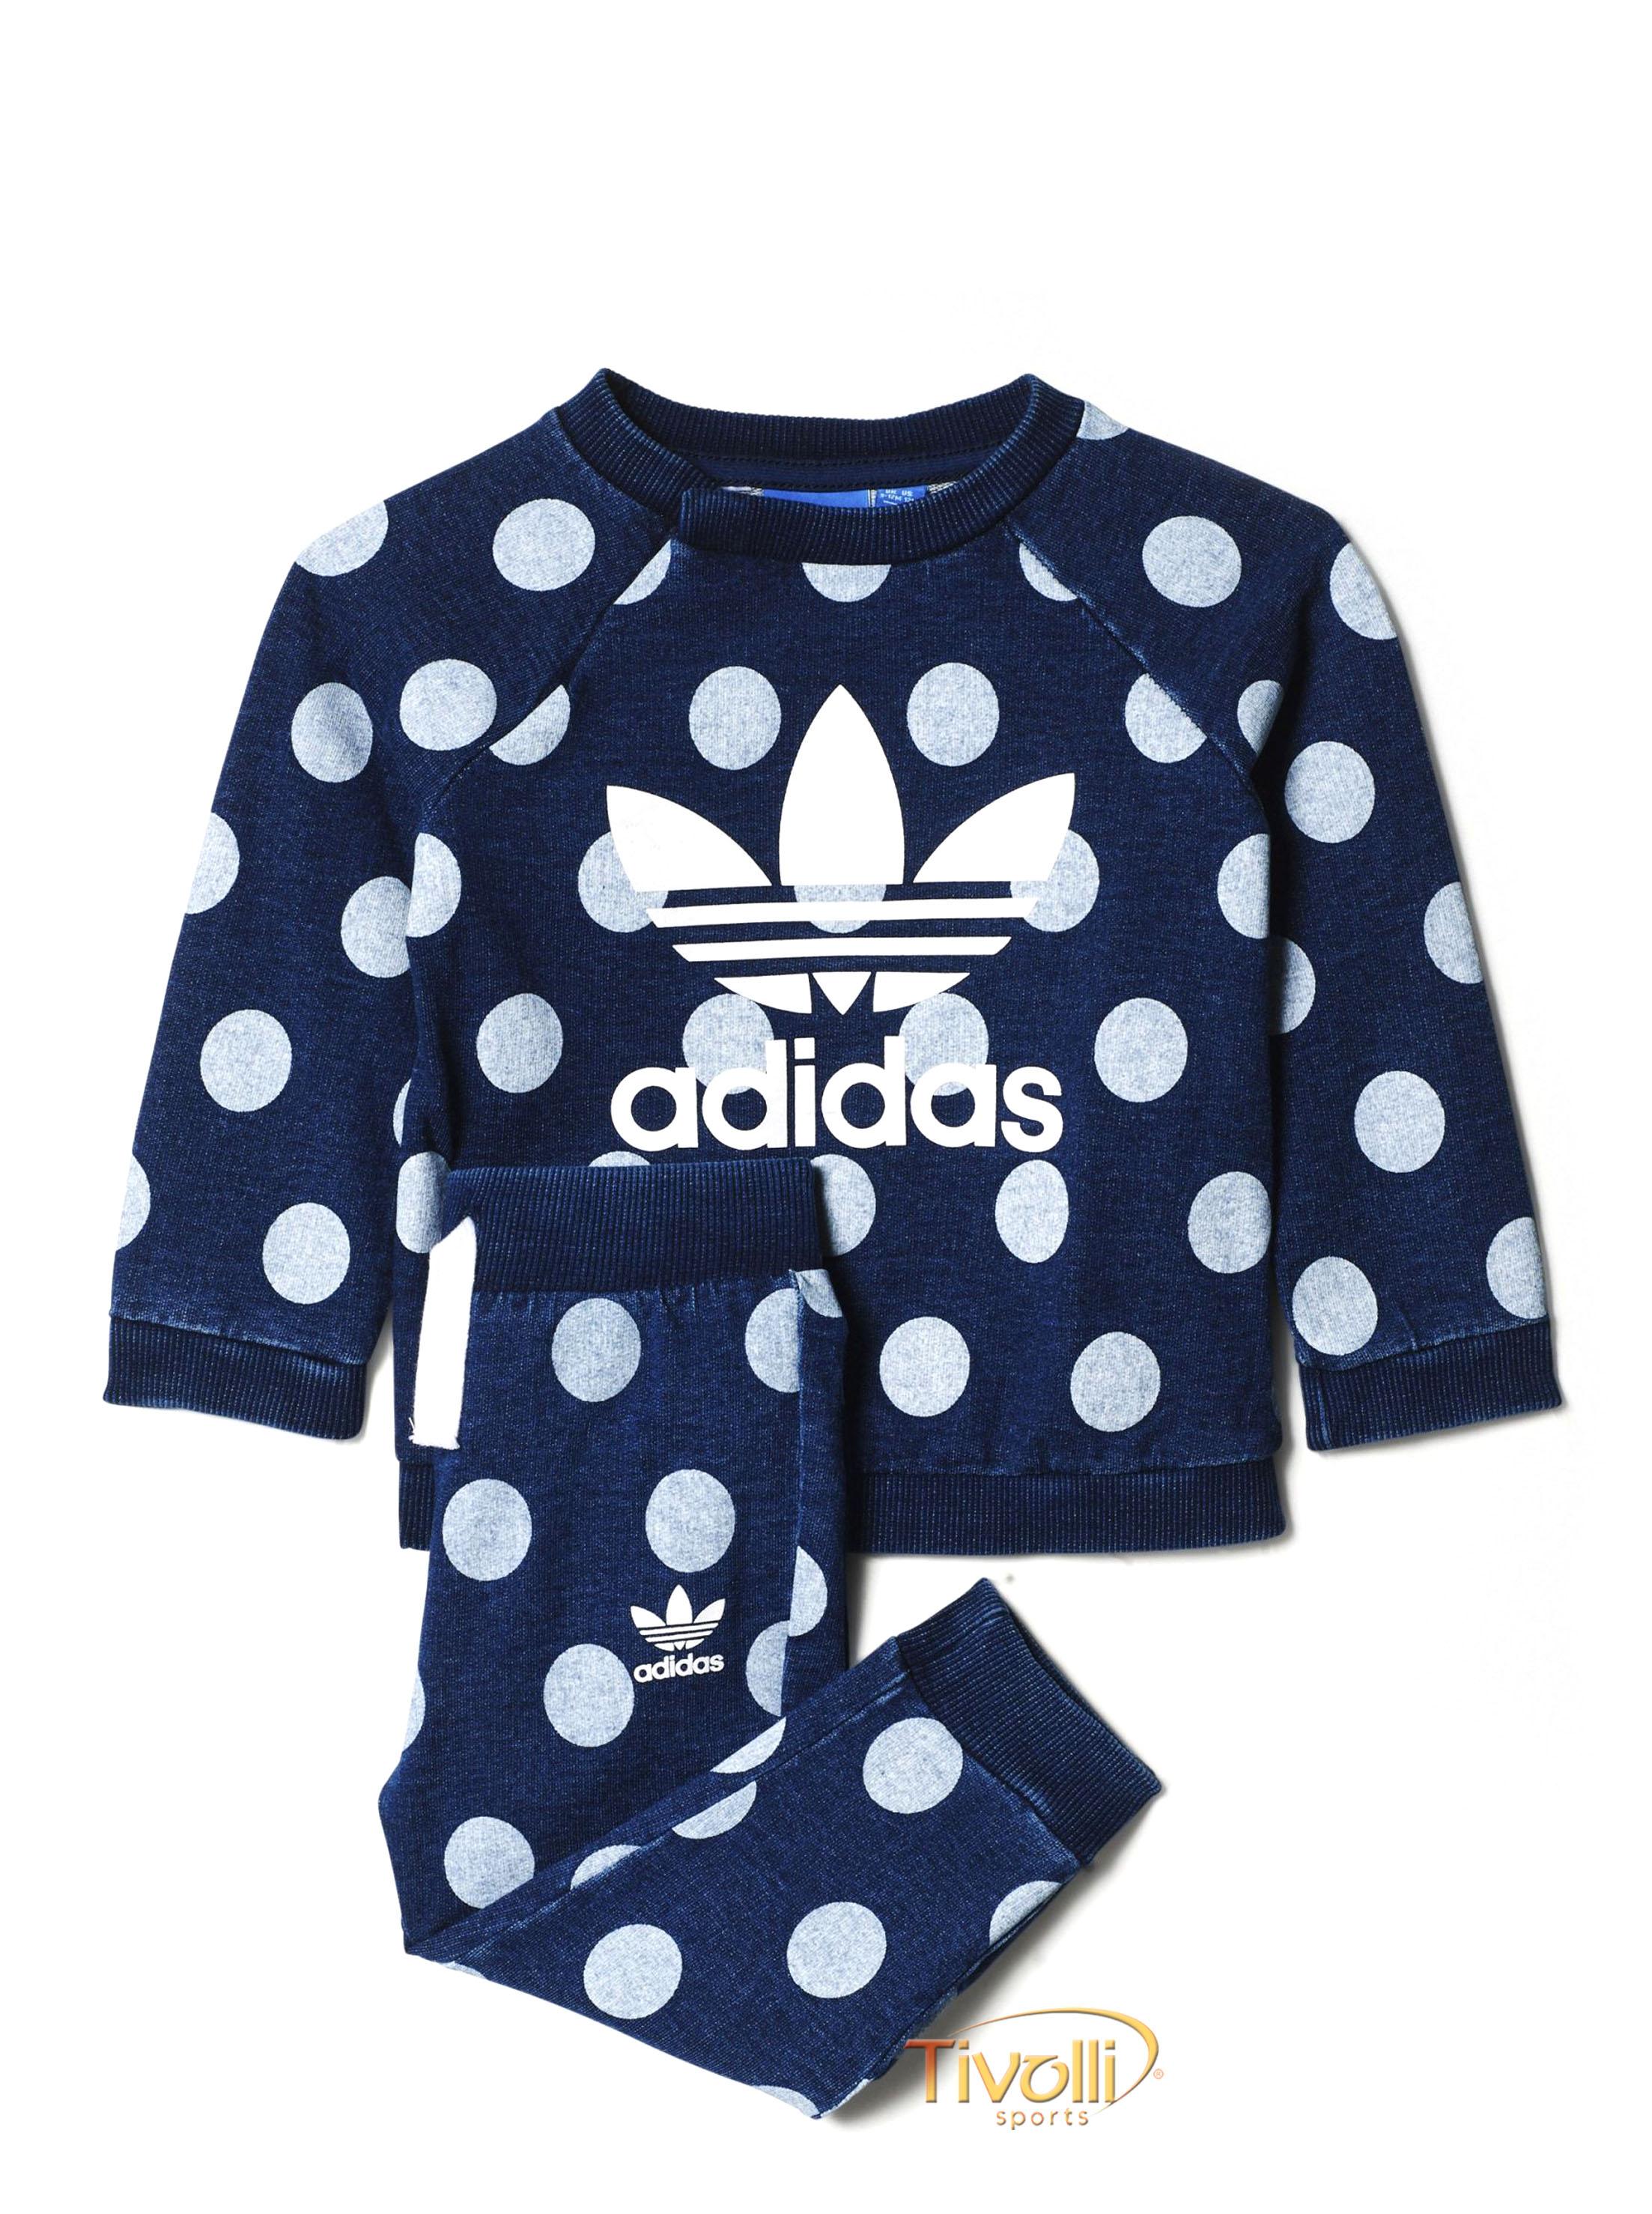 cfbe75c9fab Agasalho Infantil Adidas Originals I Denim Dots Azul Jeans e Branco Estampa  de Poá